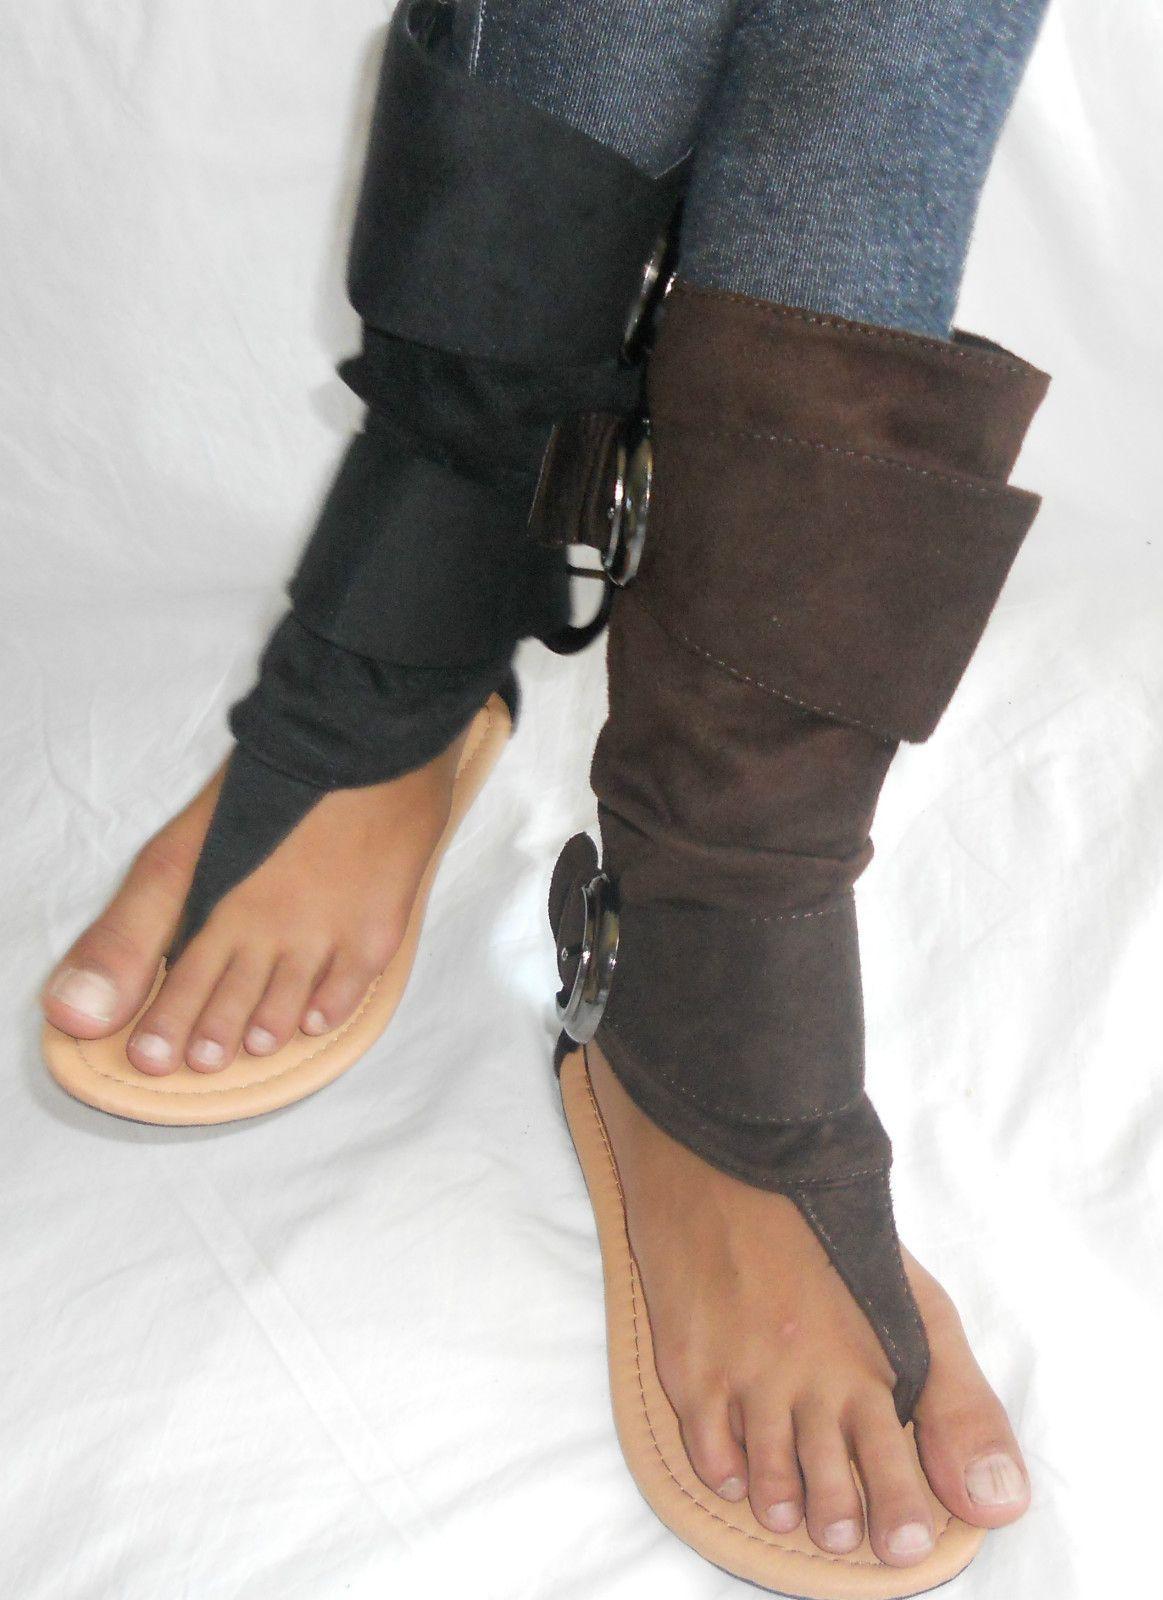 Kids Girls High Top Flat Thong Sandal Summer Boot Shoes